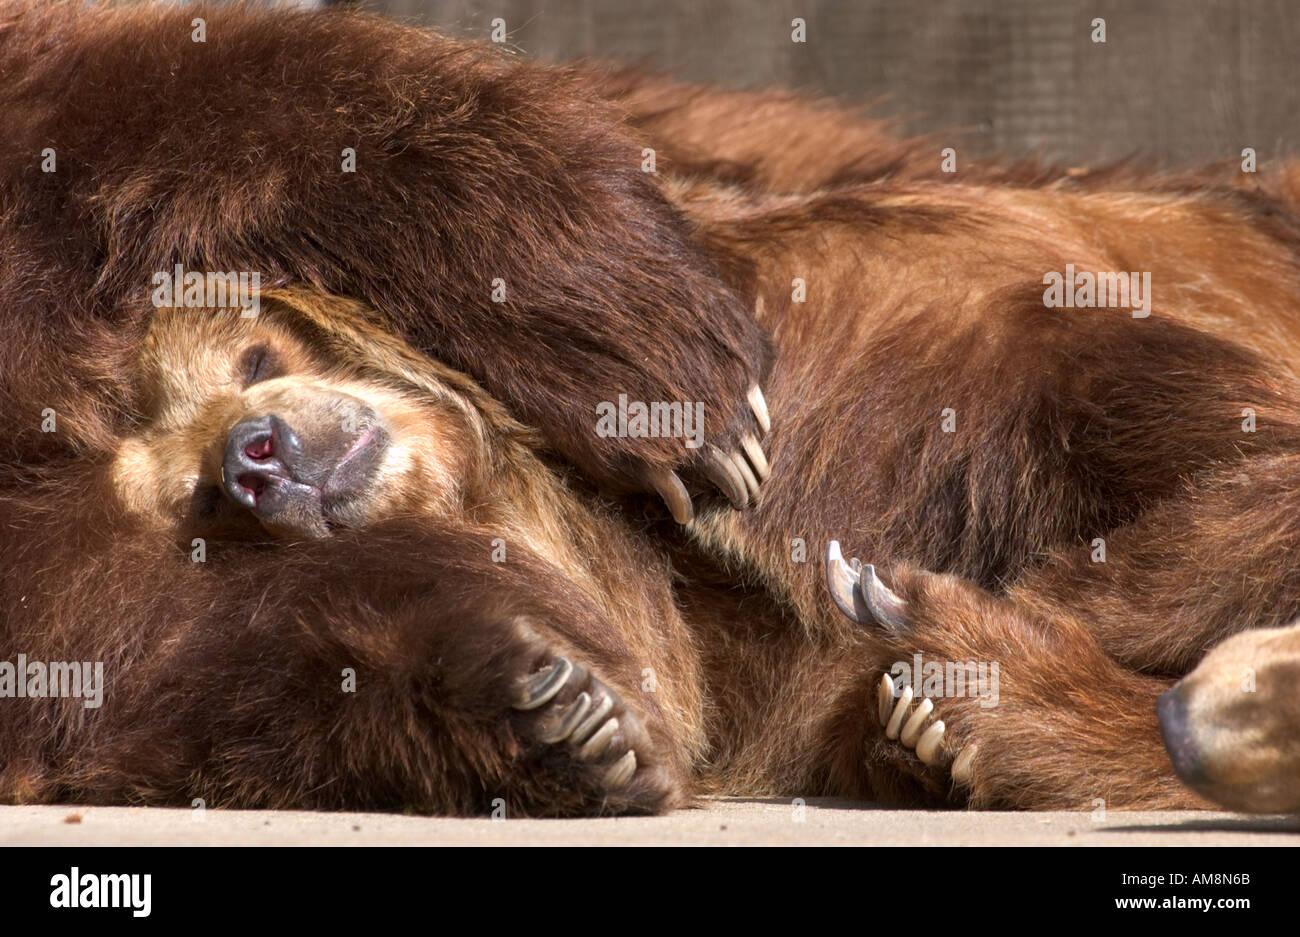 sleeping brown bears, Ursus Arctos - Stock Image